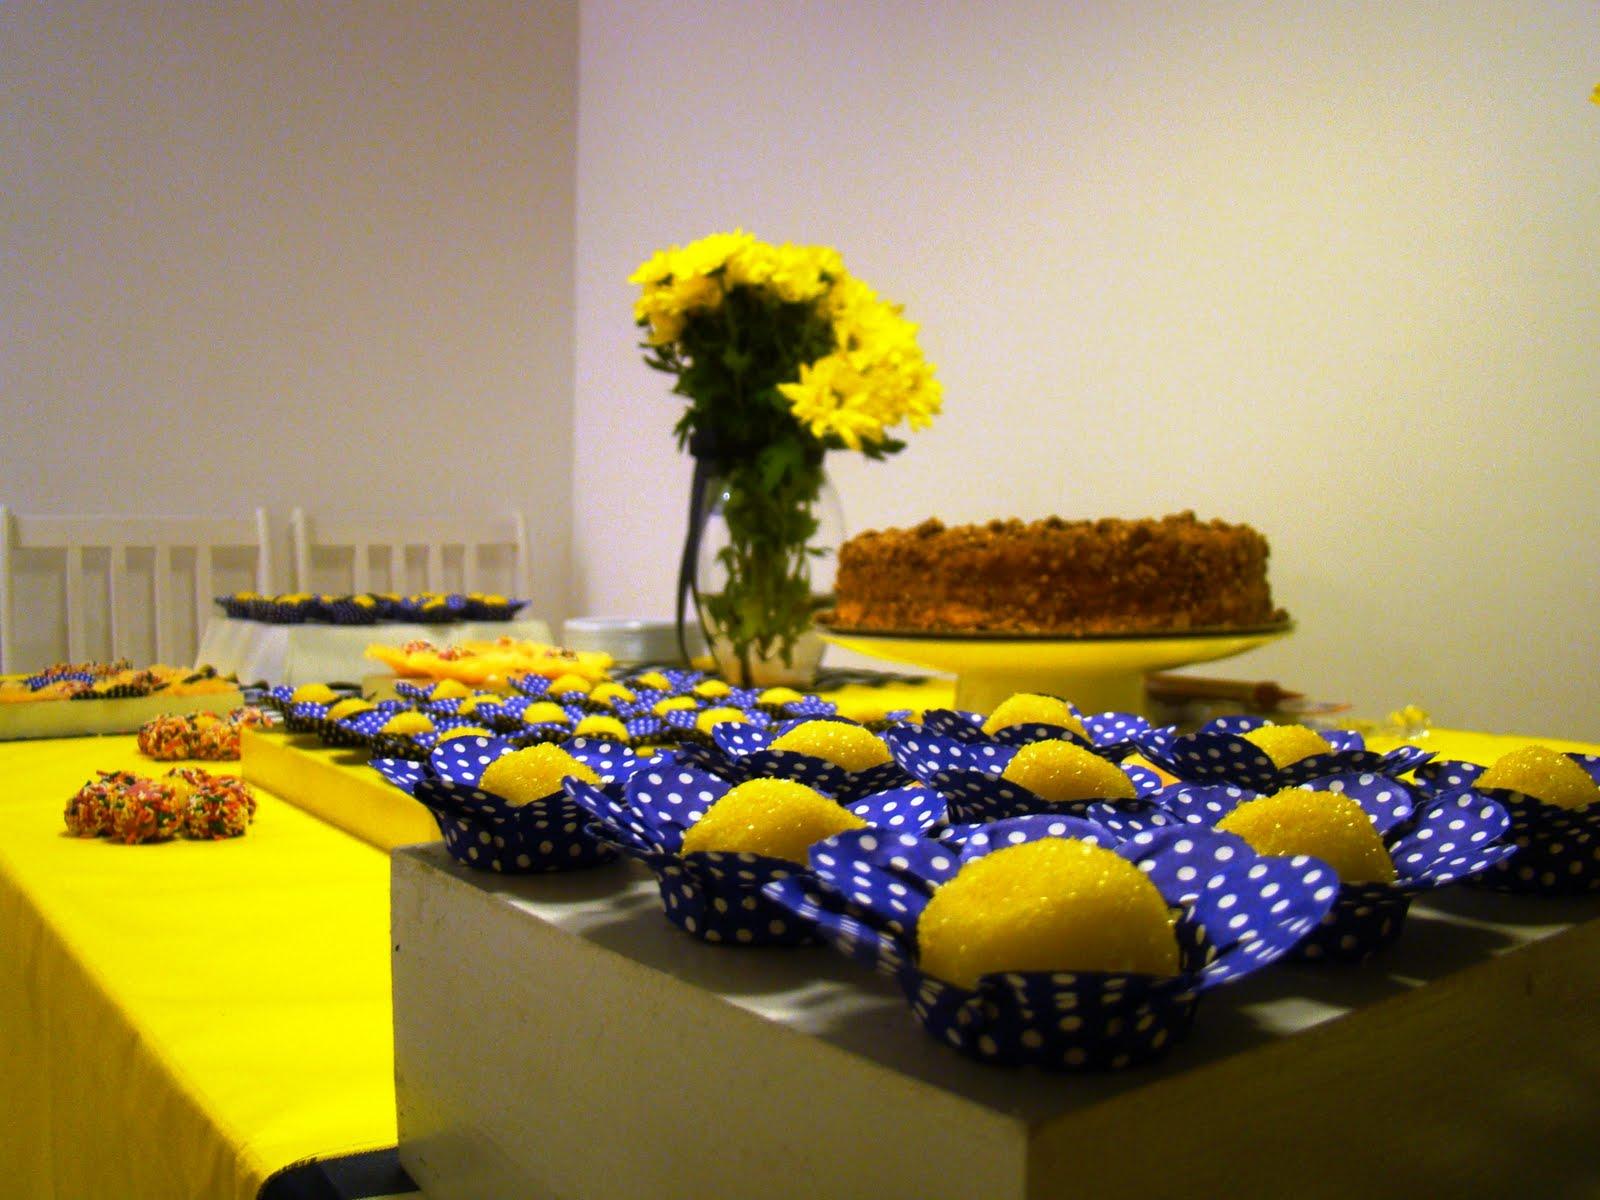 decoracao de festa azul marinho e amarelo : decoracao de festa azul marinho e amarelo:As bandejas brancas e caixas são de MDF foram compradas no Saara e